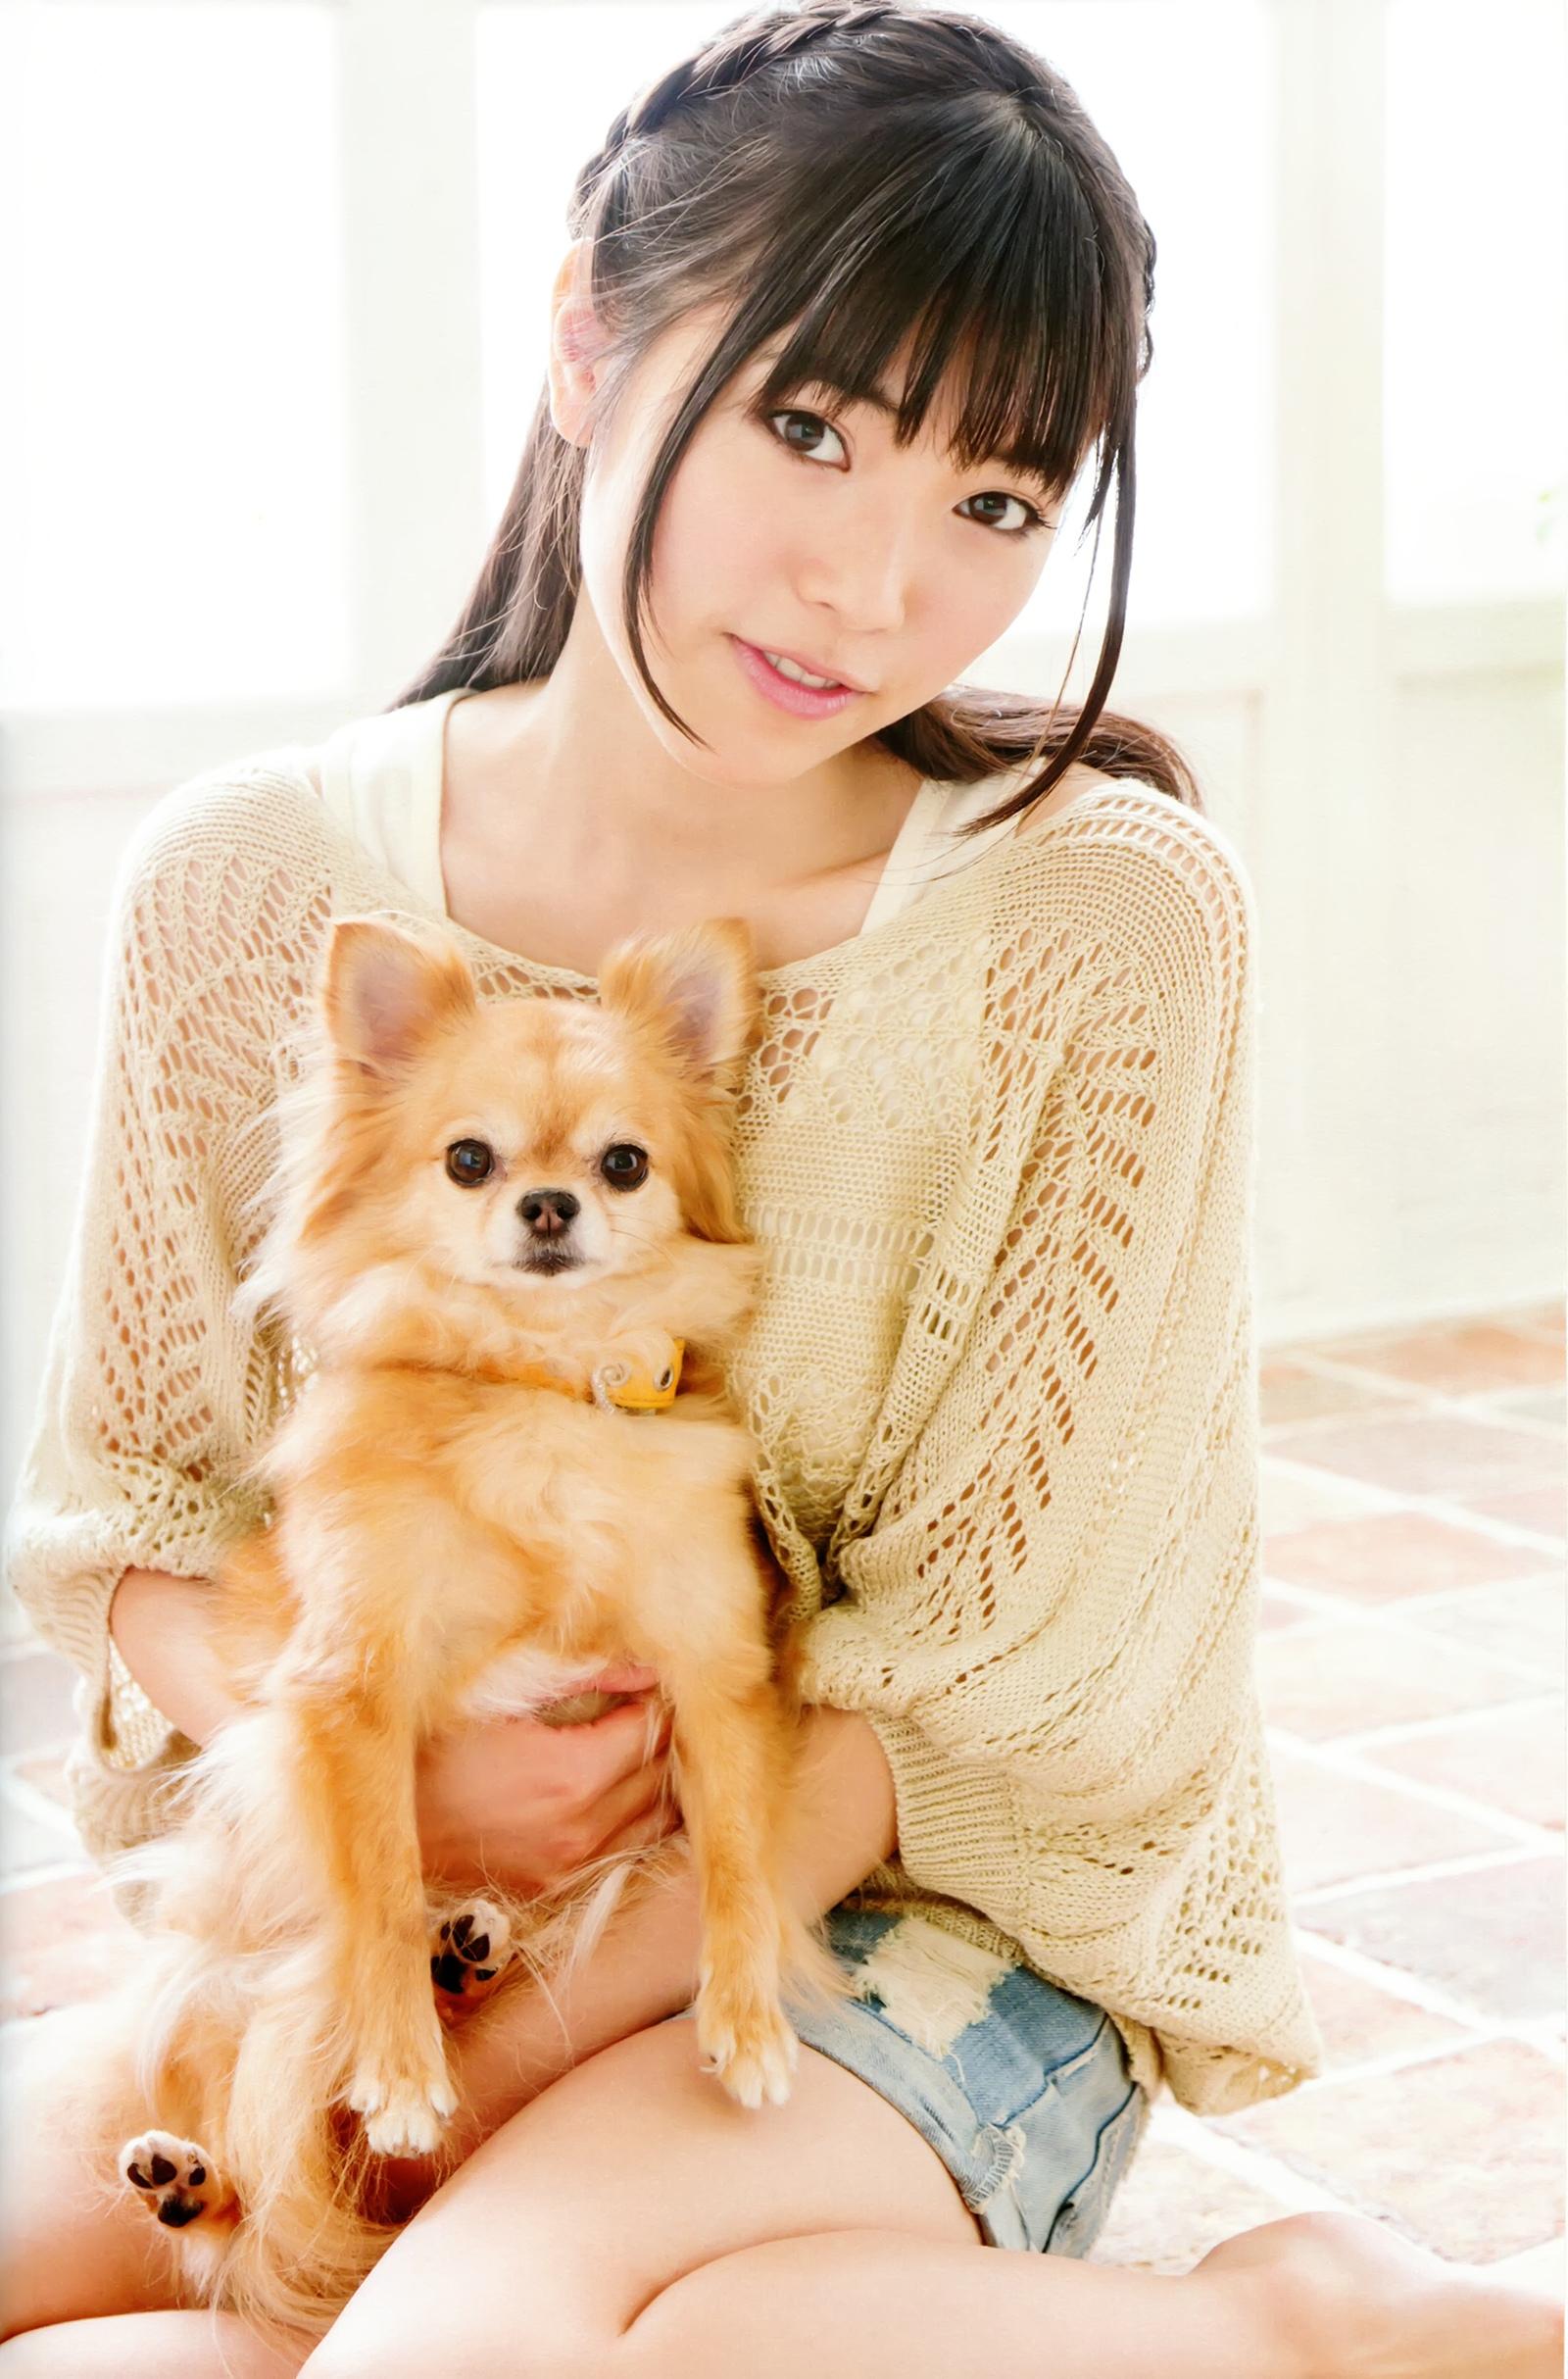 ishihara_kaori100.jpg